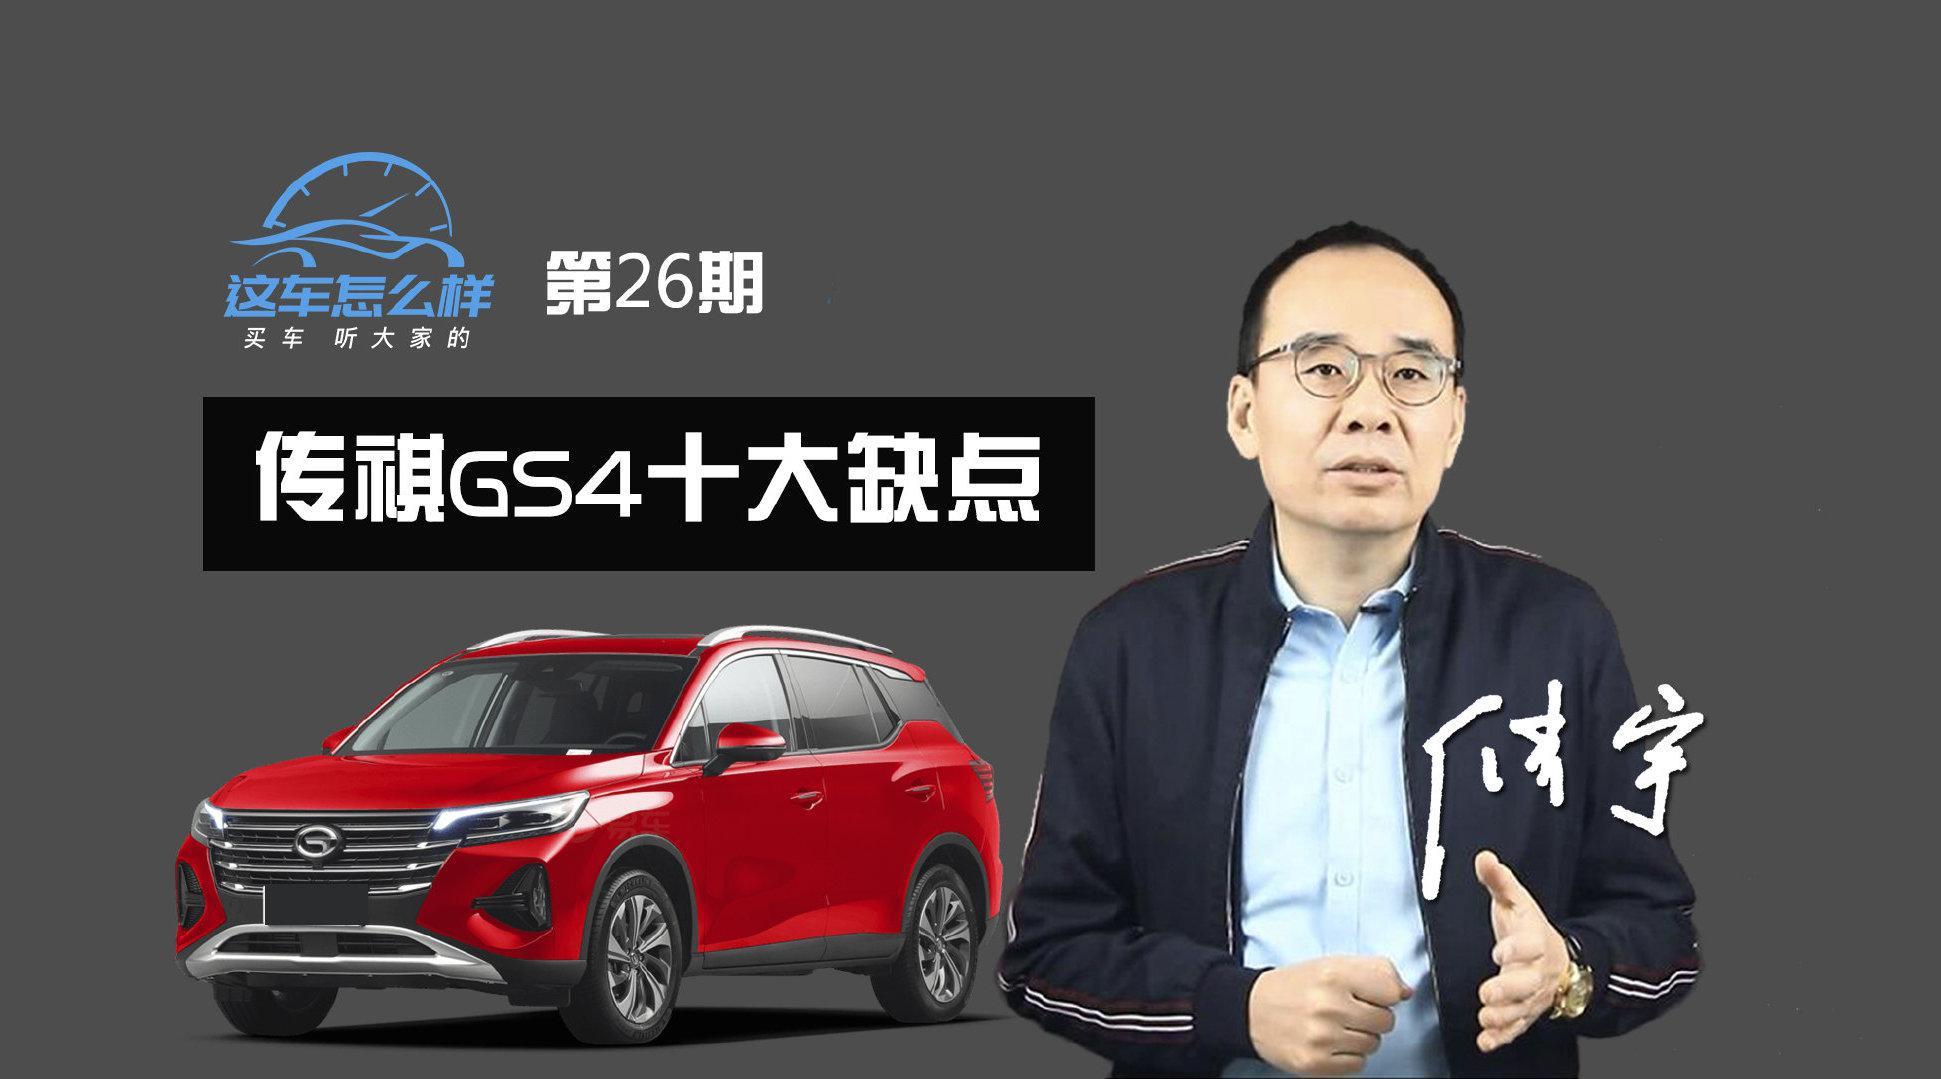 视频:《这车怎么样》异响多变速器顿挫 广汽传祺GS4 十大缺点